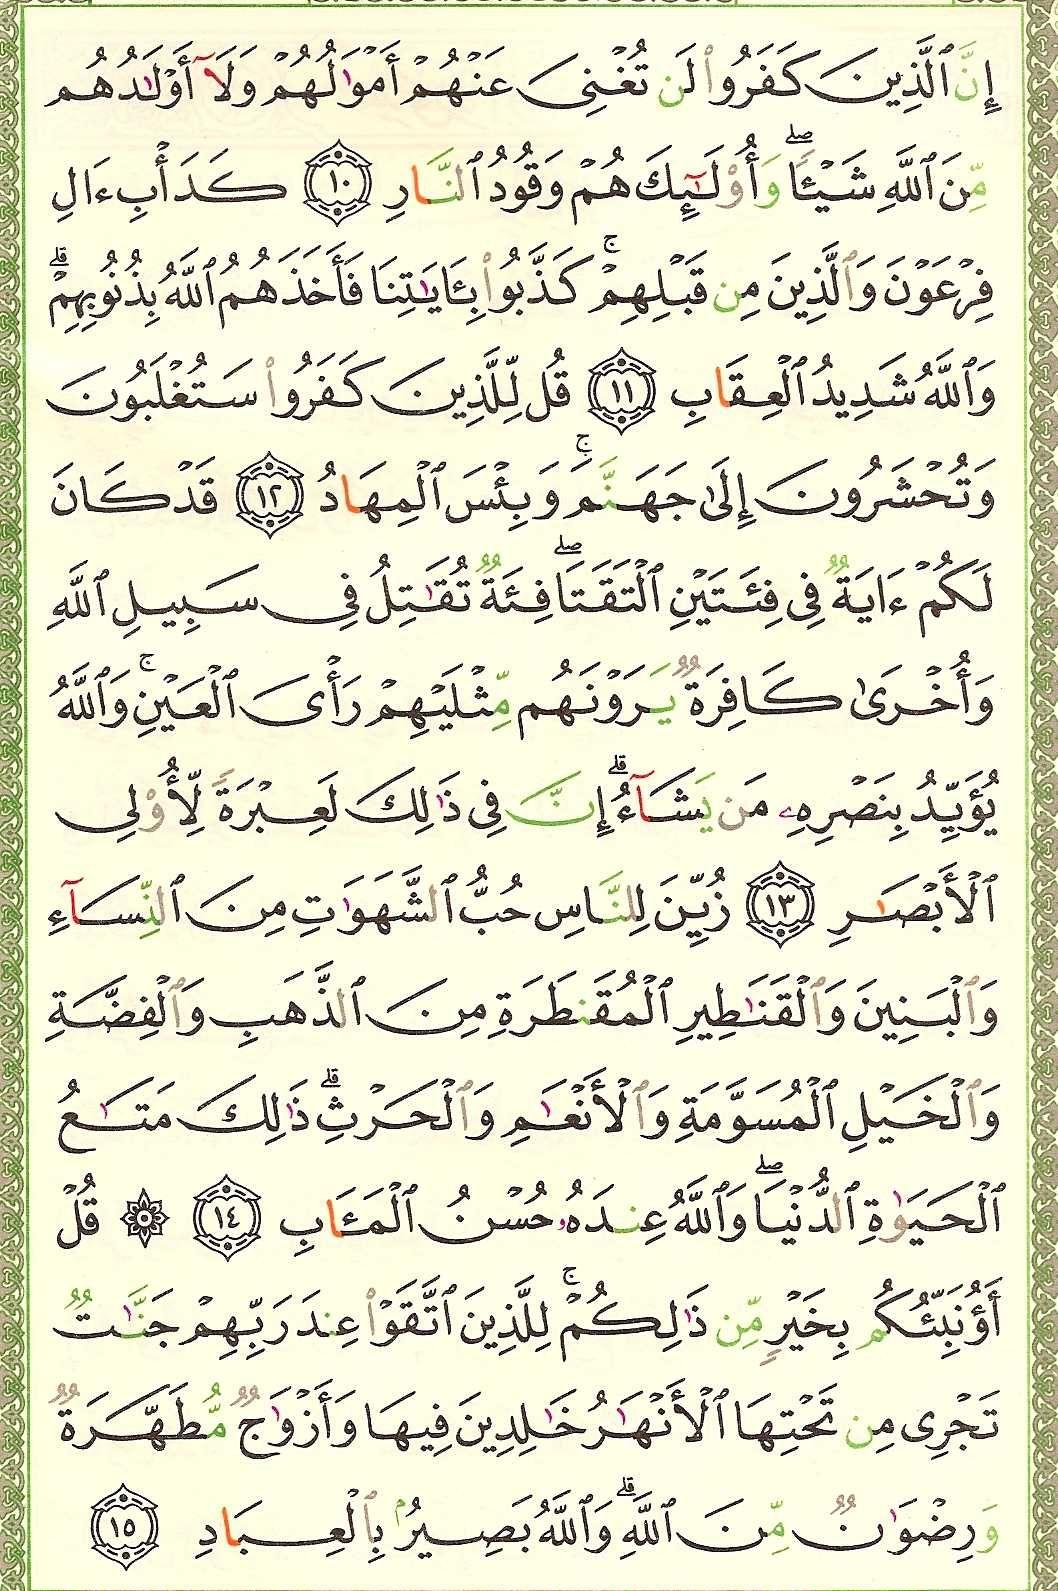 3. سورة آل عمران - Al-Imran مصورة من المصحف الشريف 051